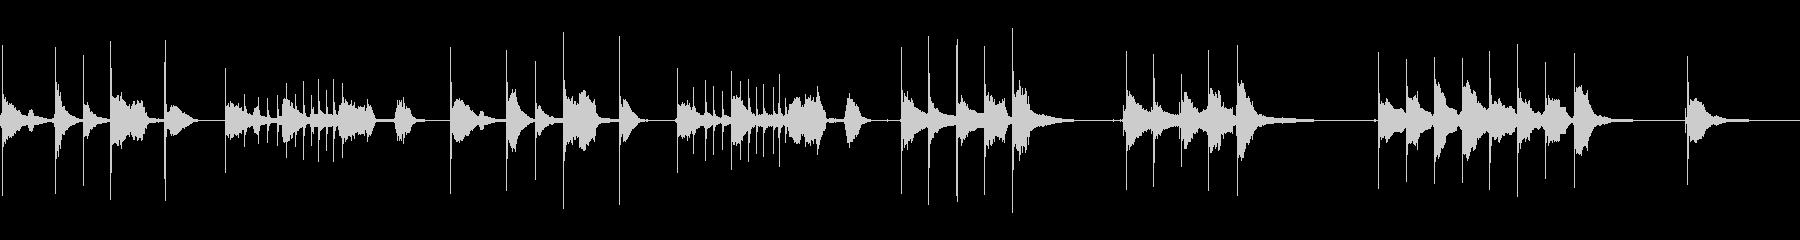 ほのぼのまぬけな雰囲気(ループ用BGM)の未再生の波形